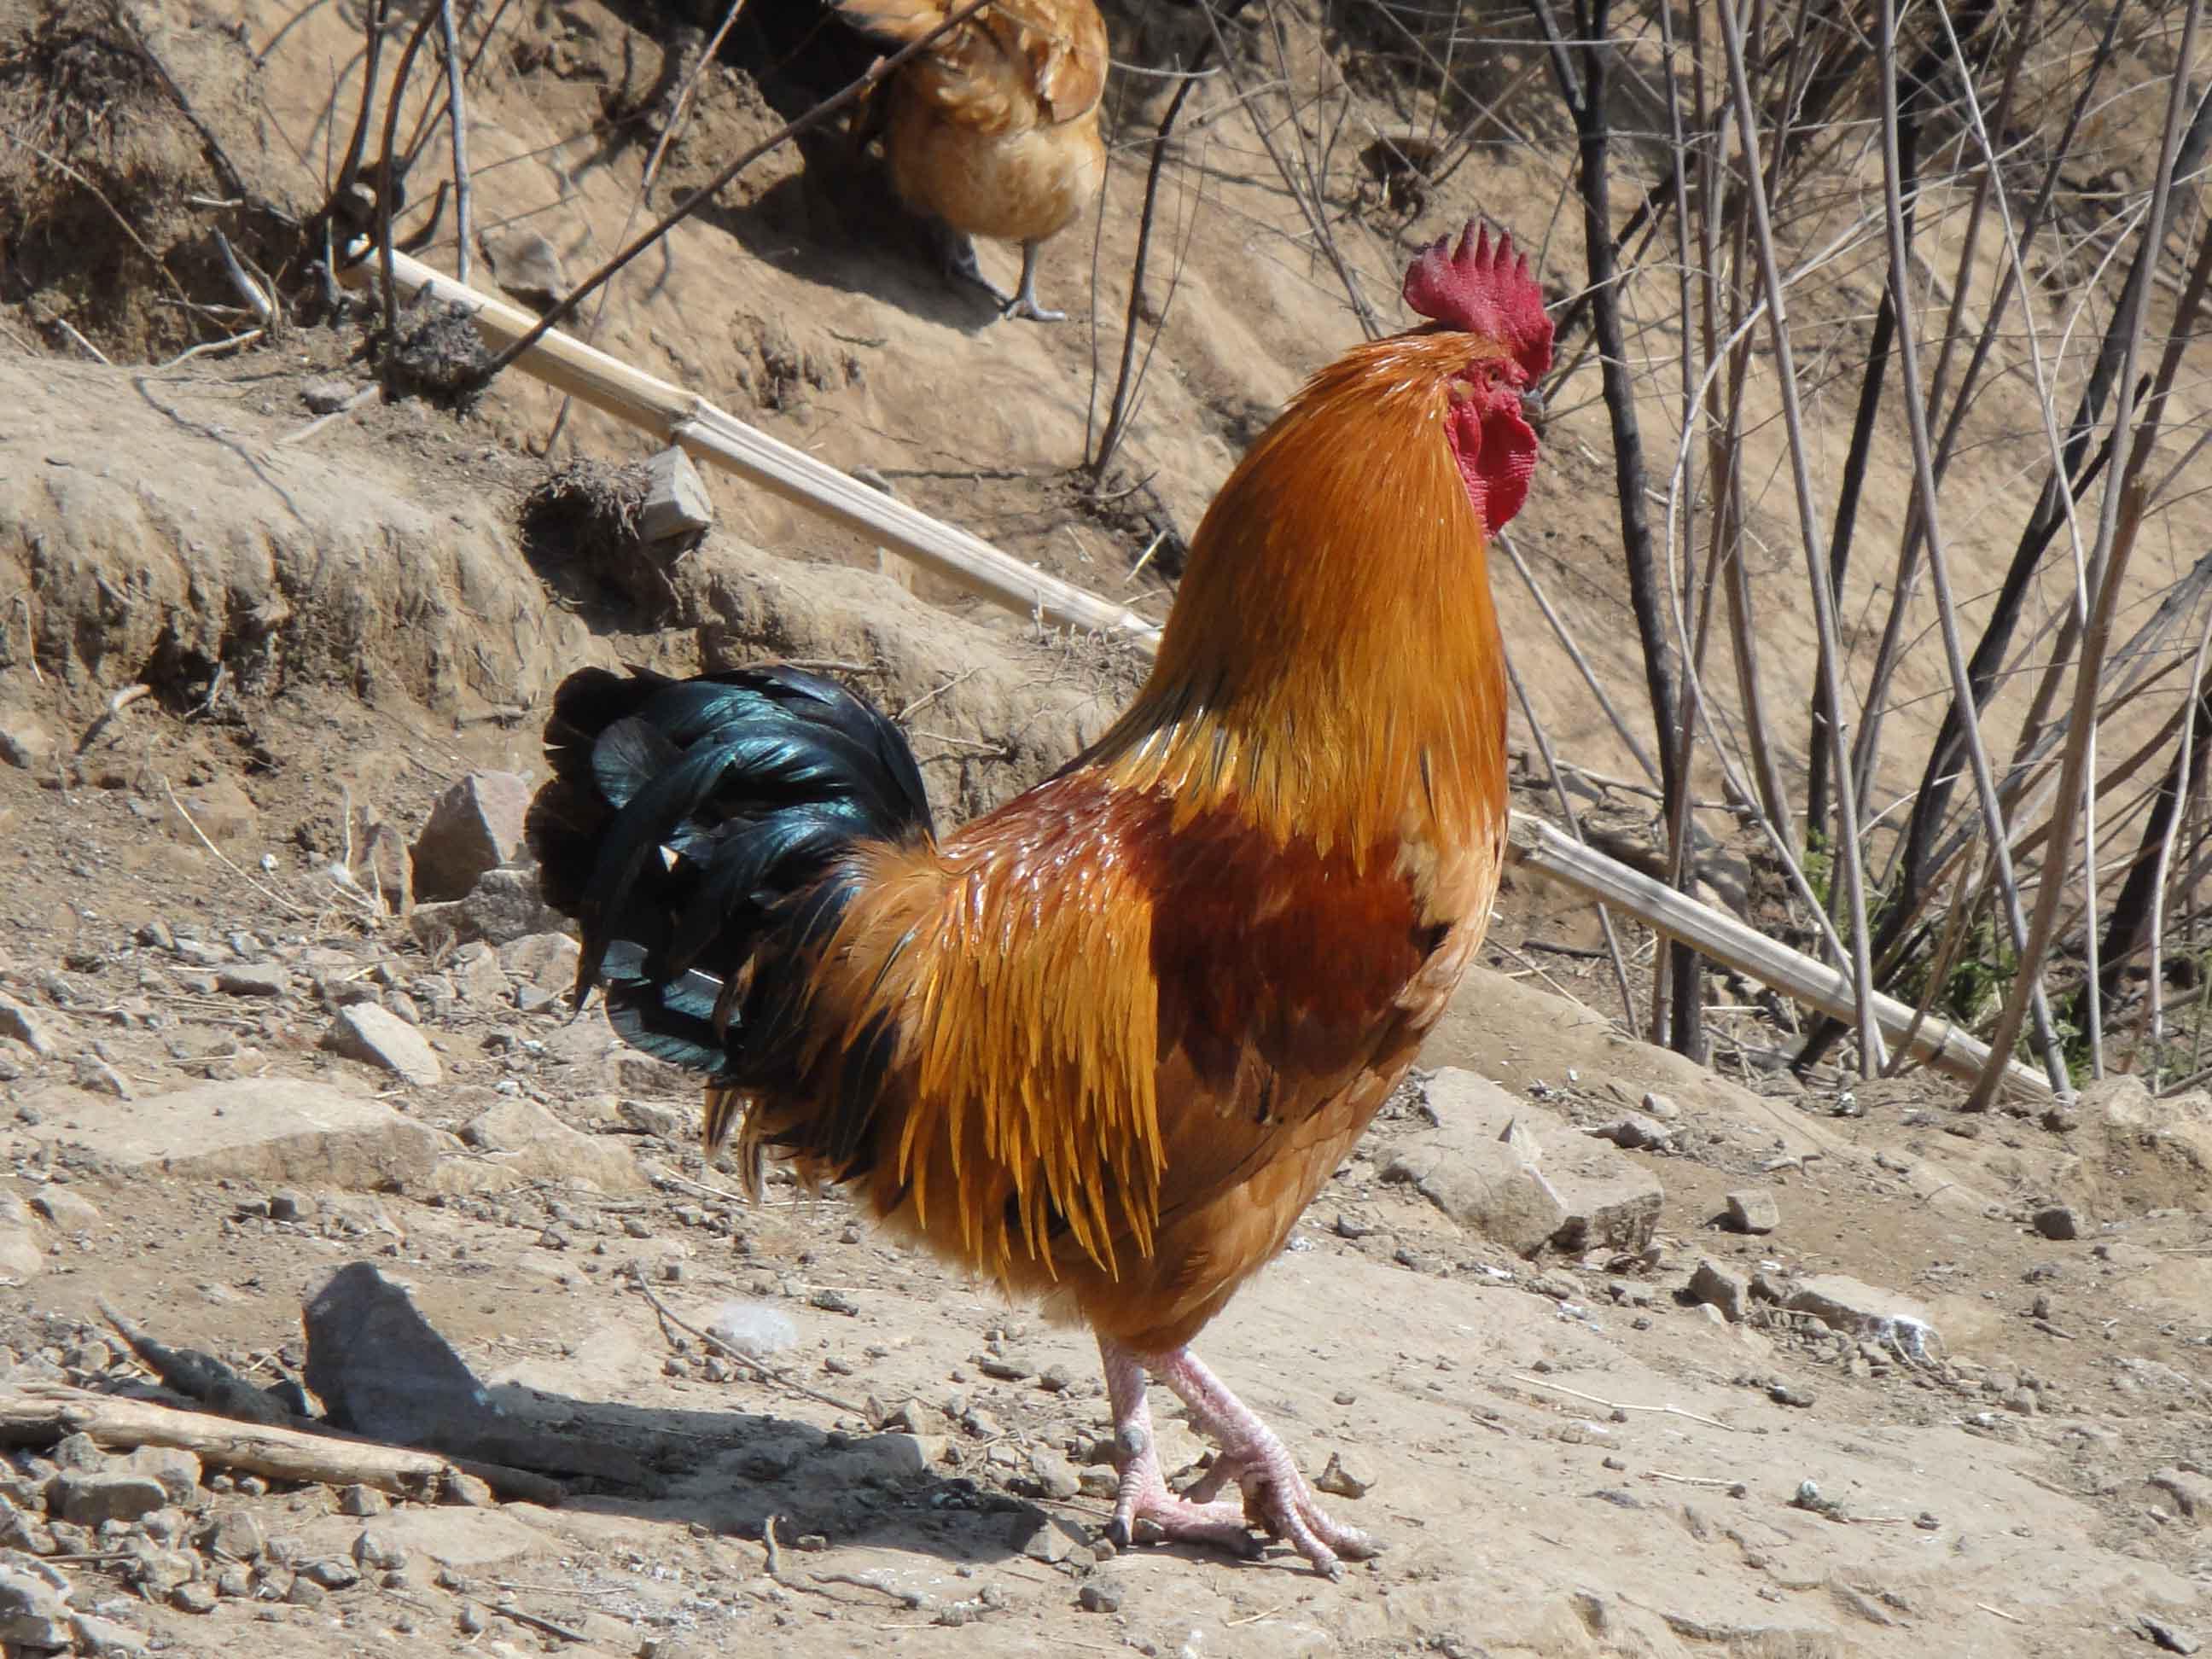 纯正山鸡,山鸡蛋,老母鸡,全粮食喂养,上图大家可以看看。不相信的可以亲自来农场采拾,绝对纯正。 也可送货上门(淄川城区内都可以)绝不会短斤少两,可以自带小称。。。 地址:淄川经济开发区双泉村, 手机:13853351289 座机号码:0533-5168886 鸡蛋12元一斤,满10斤送一斤,因为鸡蛋会随着节日,价格有所变动,时高时低,所以我家统一定价12元一斤, 价格长期不变。可能顾客觉得12元比起超市的要便宜很多,所以不放心,其实超市很多山鸡蛋都是假的, 包装好看是真的,而且价格绝对要翻很多倍,也不够新